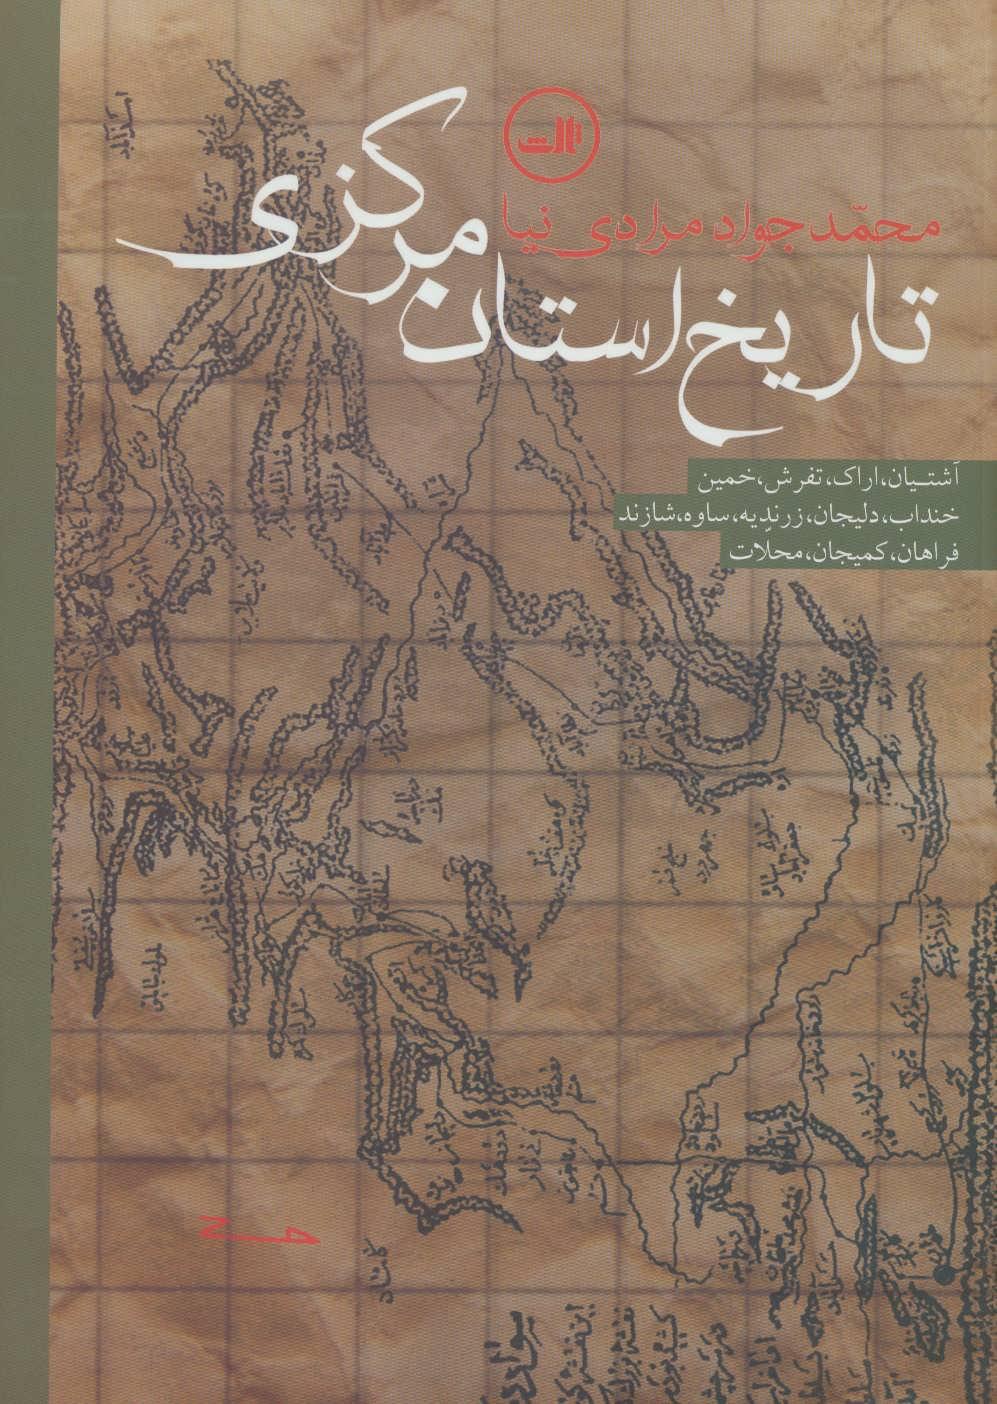 کتاب تاریخ استان مرکزی